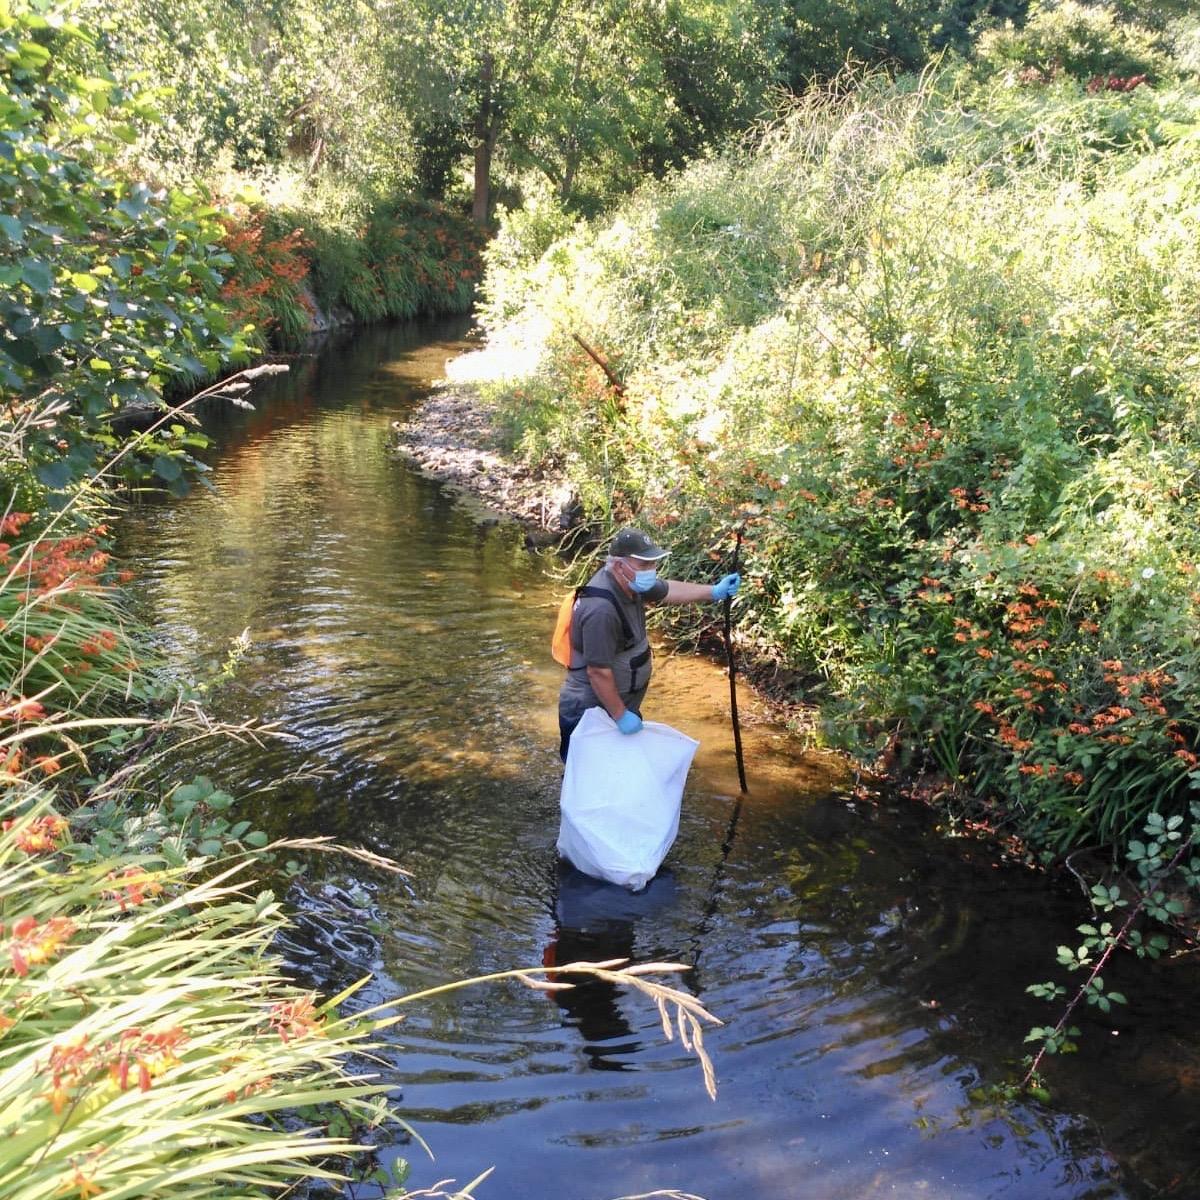 Retiran una veintena de sacos de residuos en la jornada de limpieza desarrollada en el río Acebu de Ribadesella